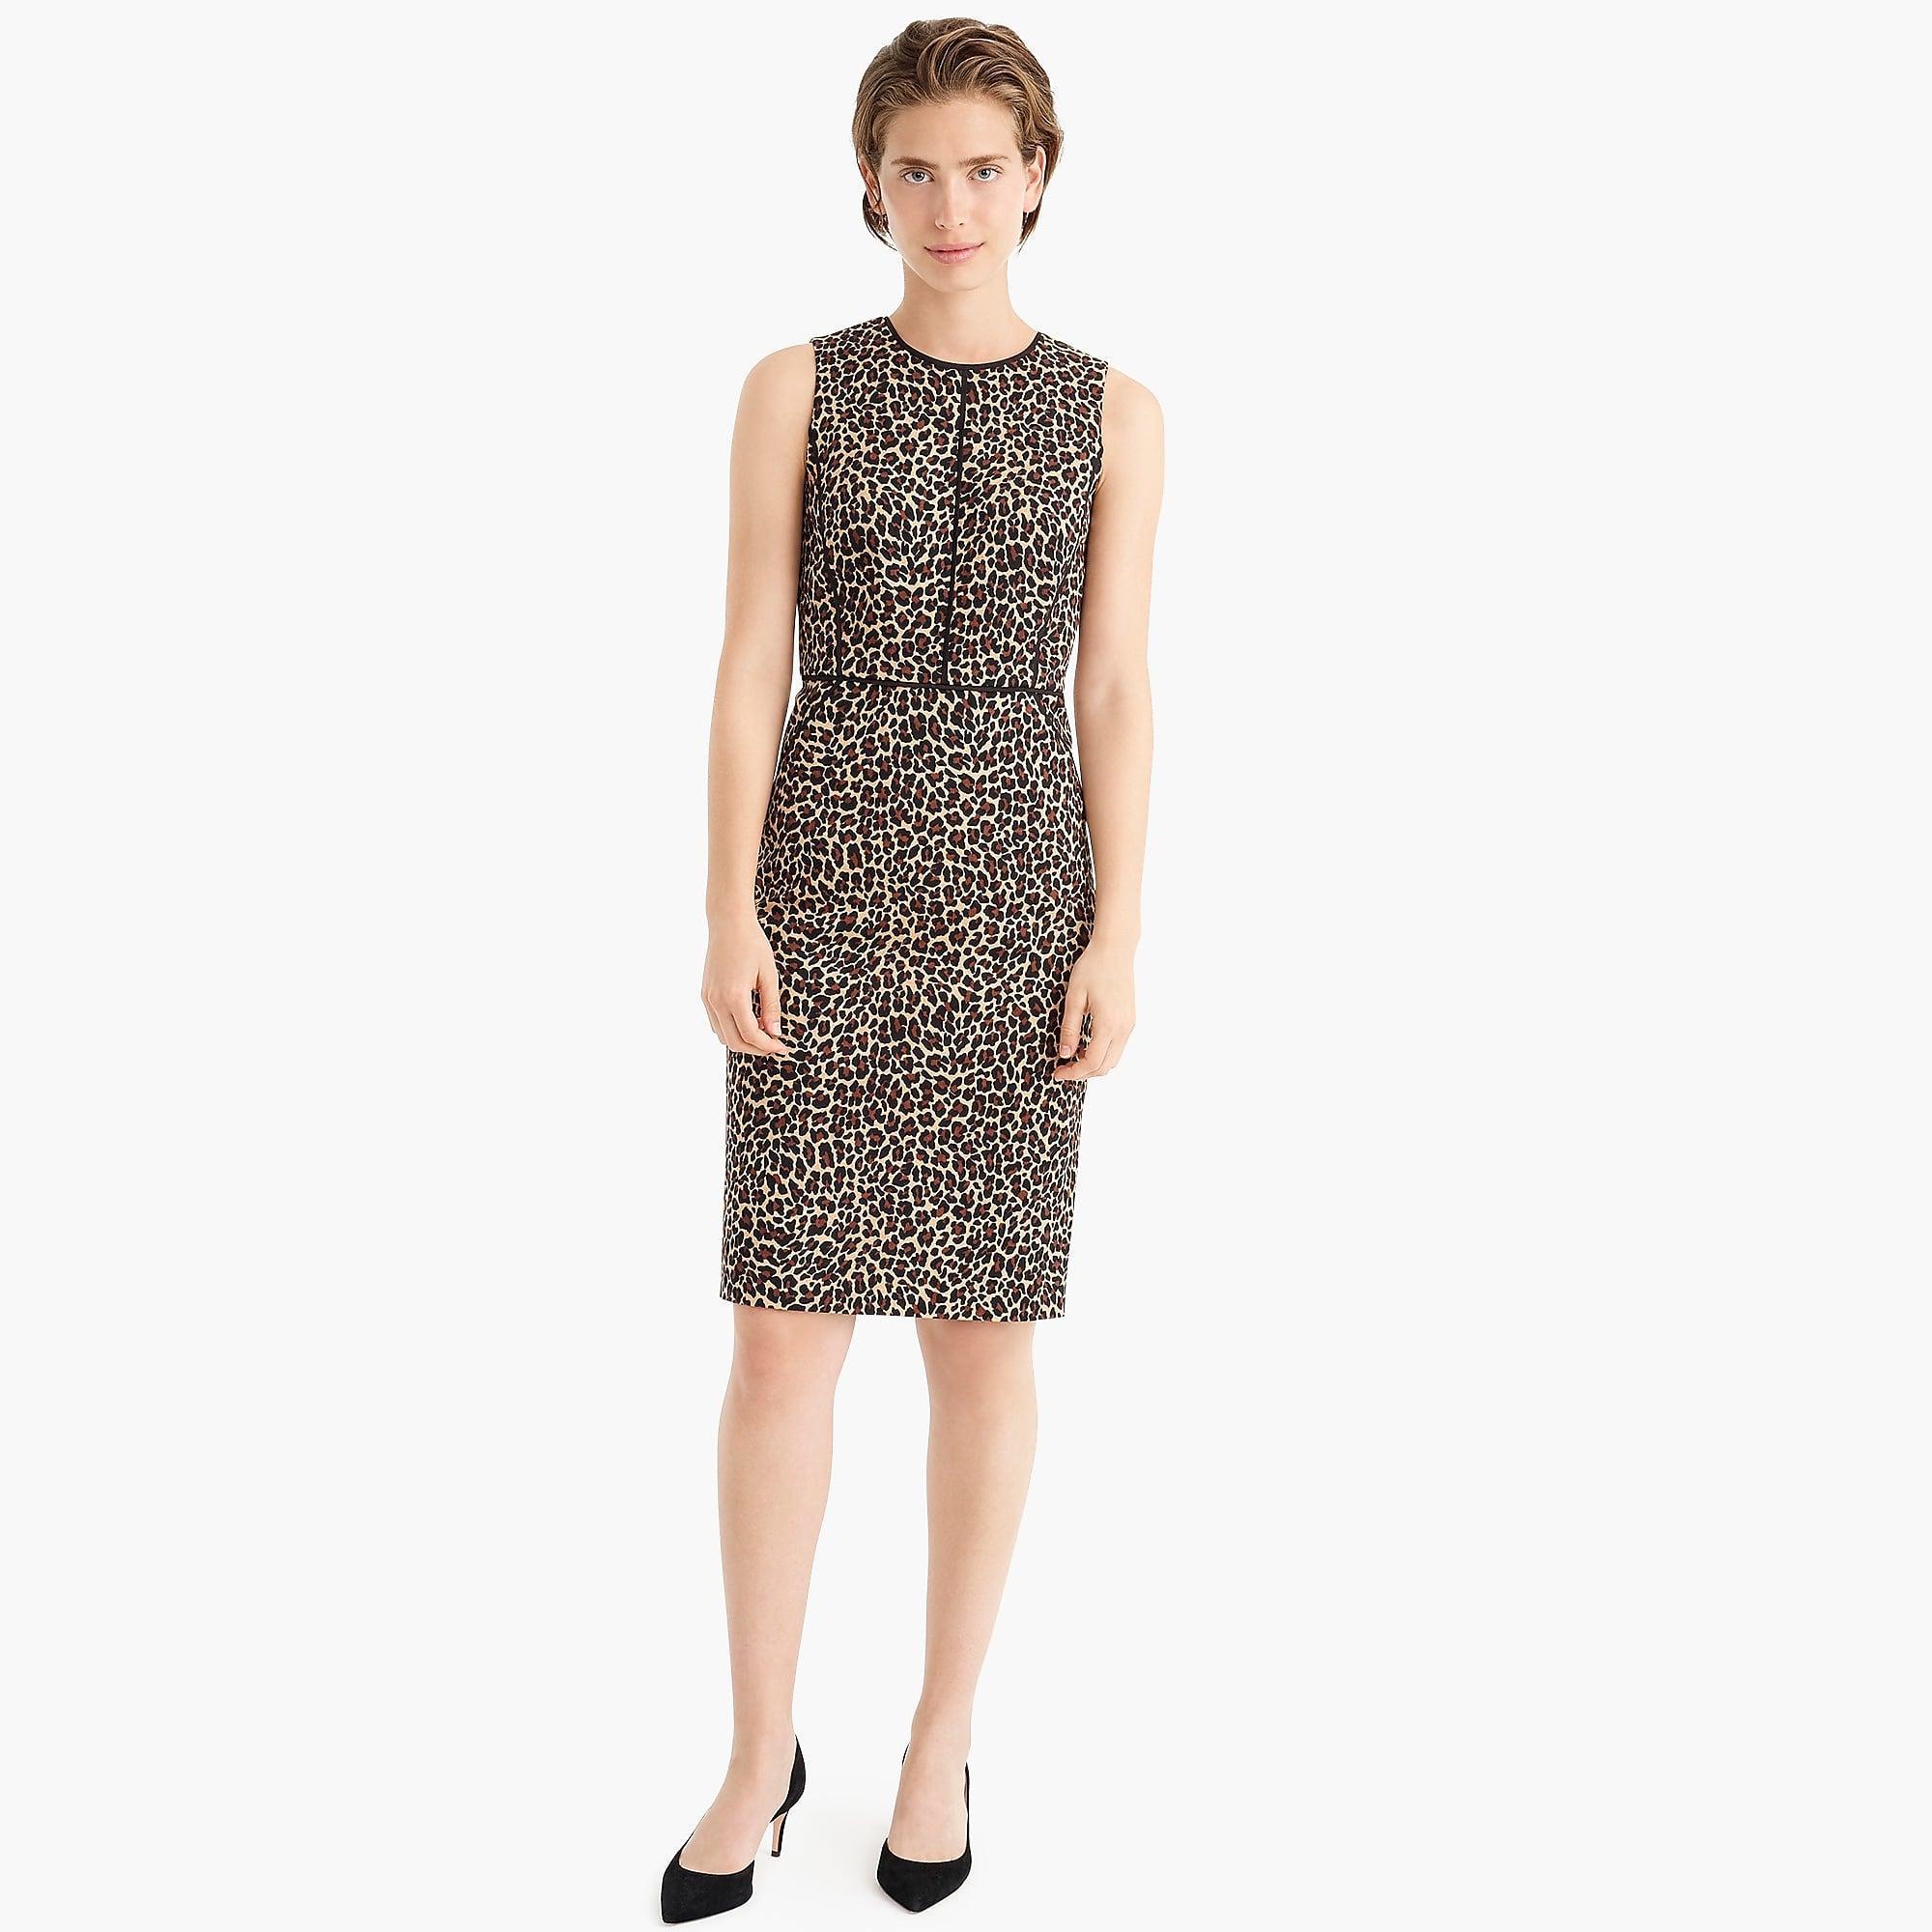 6b4378dc J.Crew - Multicolor Sheath Dress In Leopard Bi-stretch Cotton - Lyst. View  fullscreen